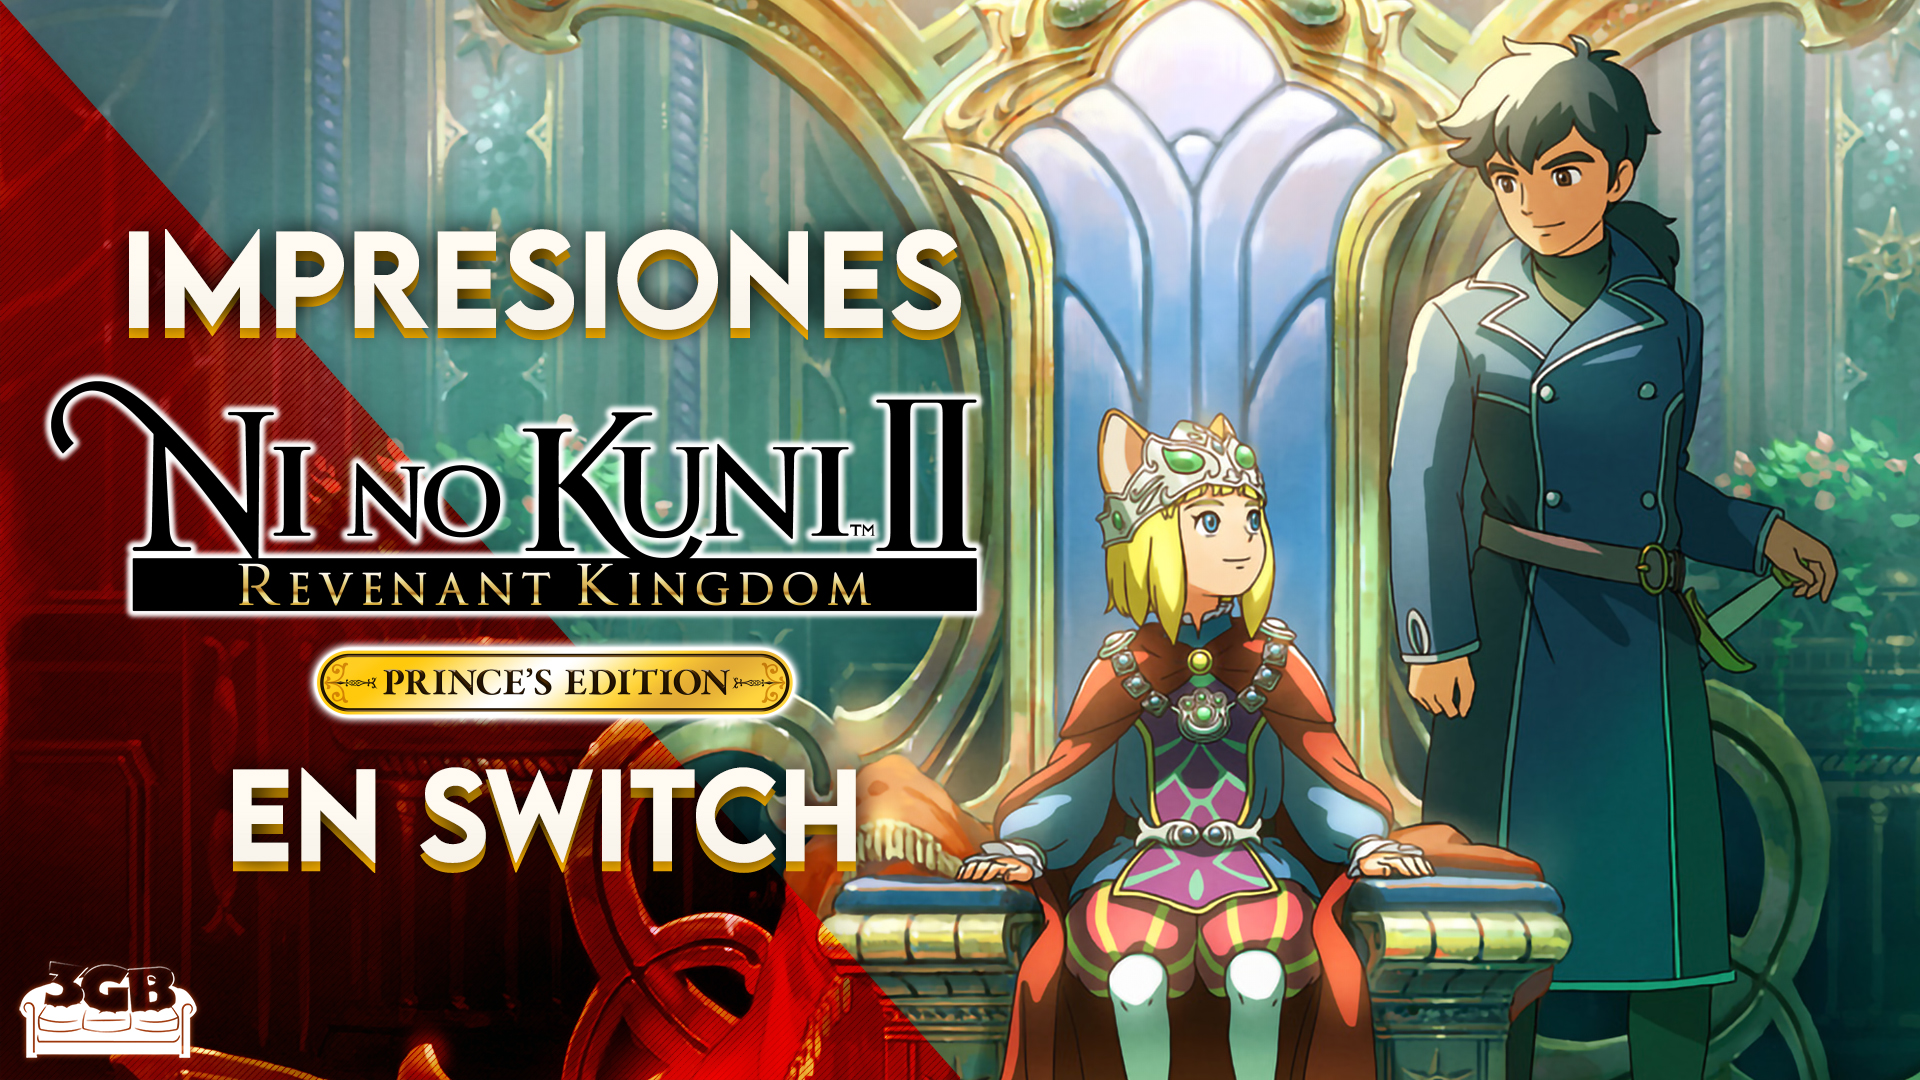 Impresiones Ni no Kuni II: Revenant Kingdom – Prince's Edition en Switch